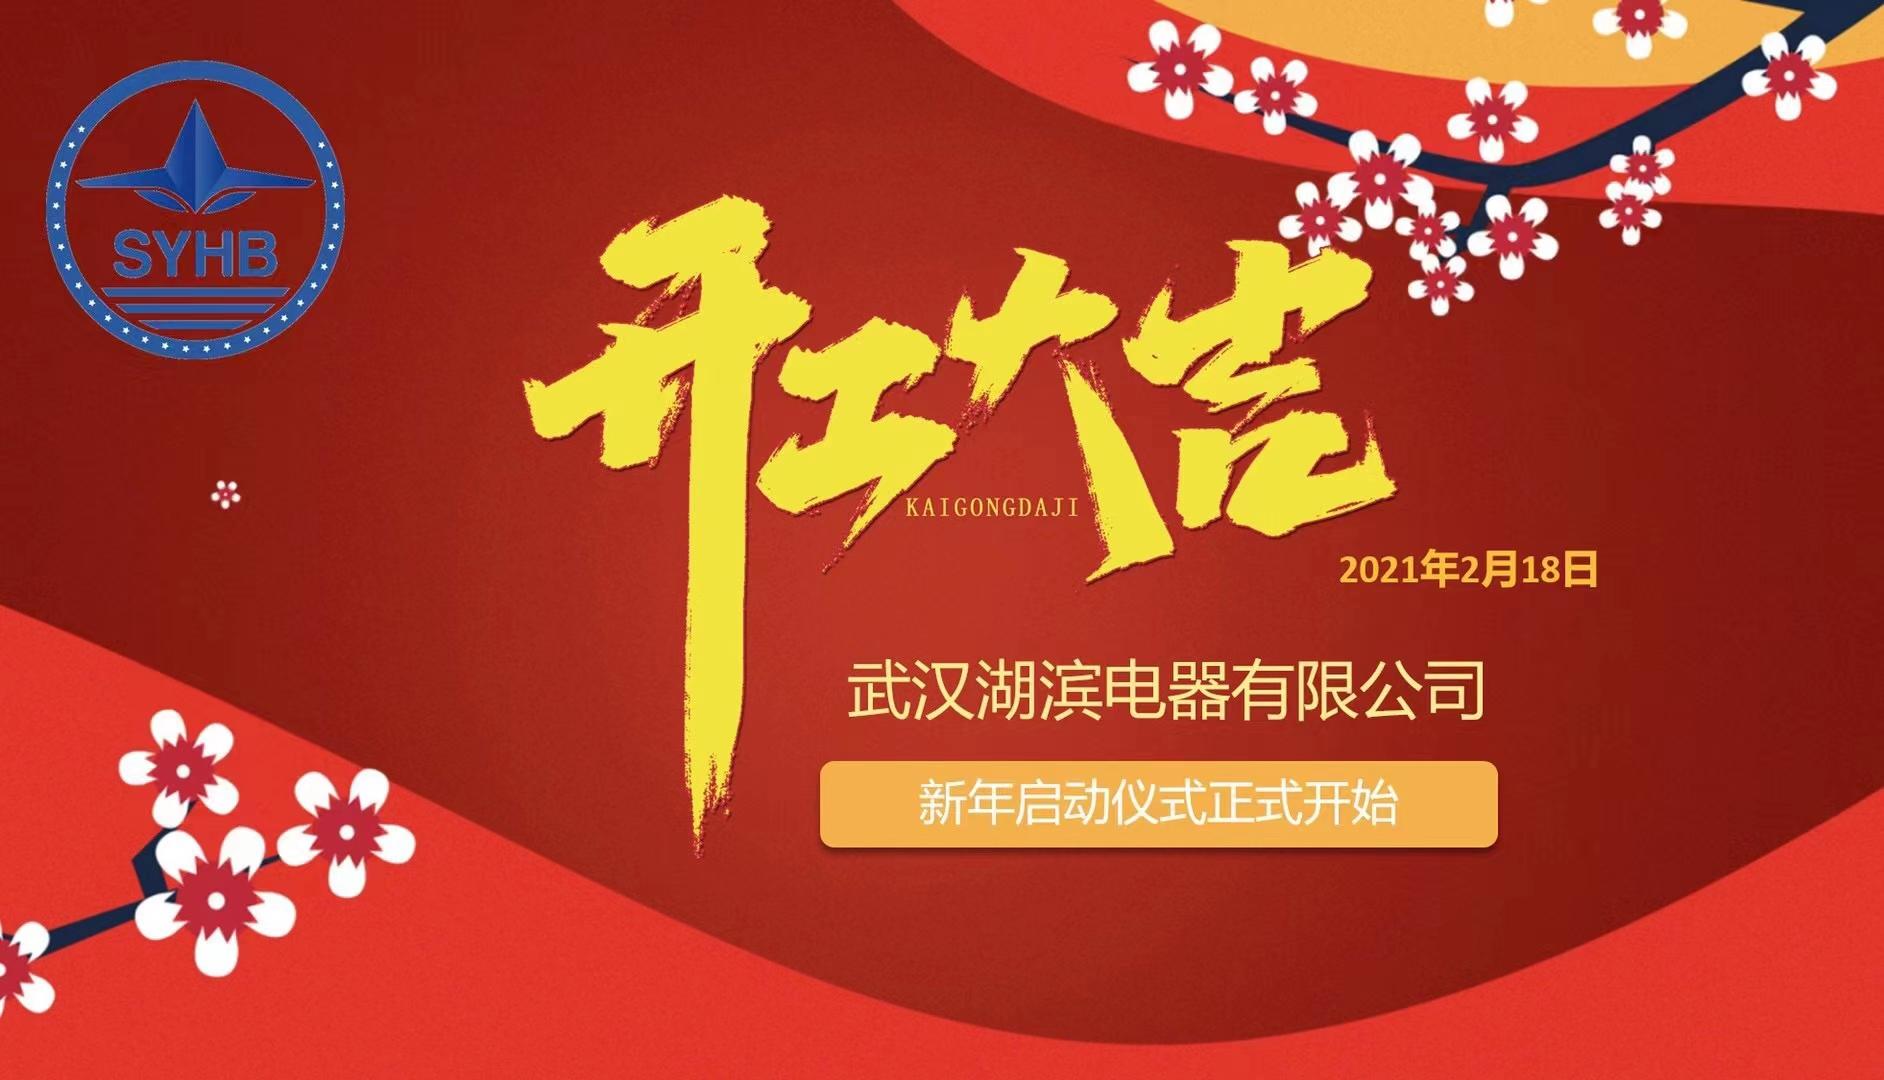 新春新動力  啟程再出發 ——武漢湖濱電器有限公司開工動員部署大會